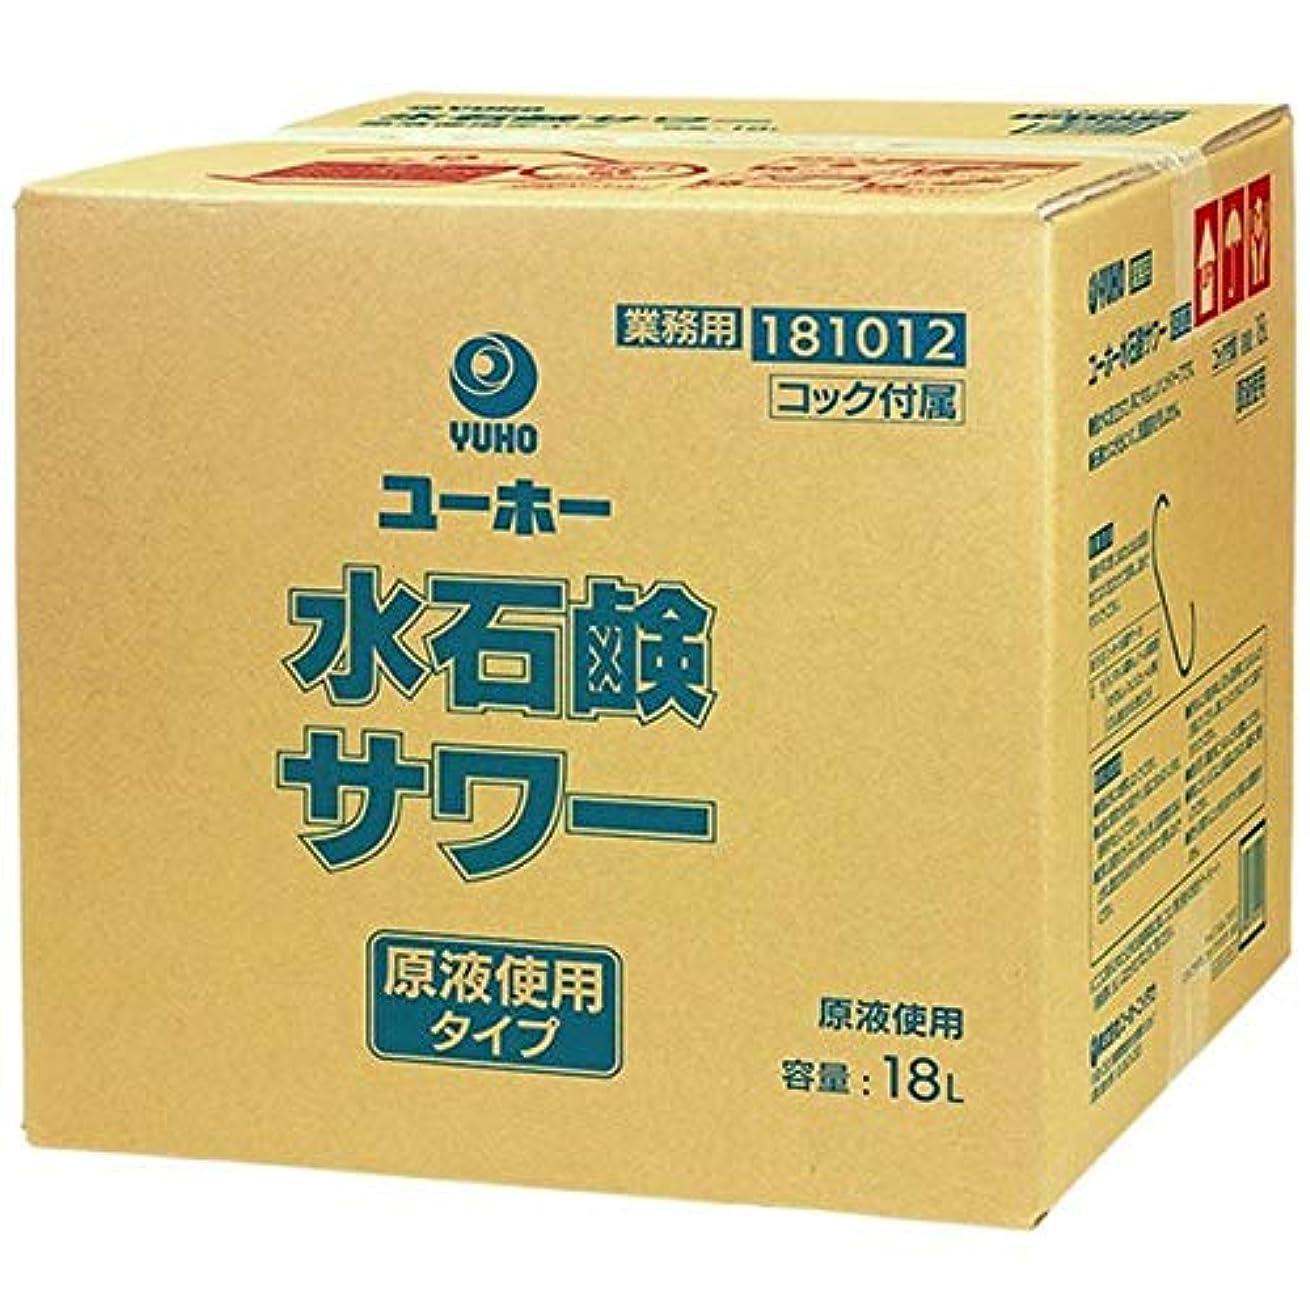 内なる染料実験室業務用 ハンドソープ 水石鹸サワー 原液タイプ 18L 181011 (希釈しないで使用できる原液タイプのハンドソープ)